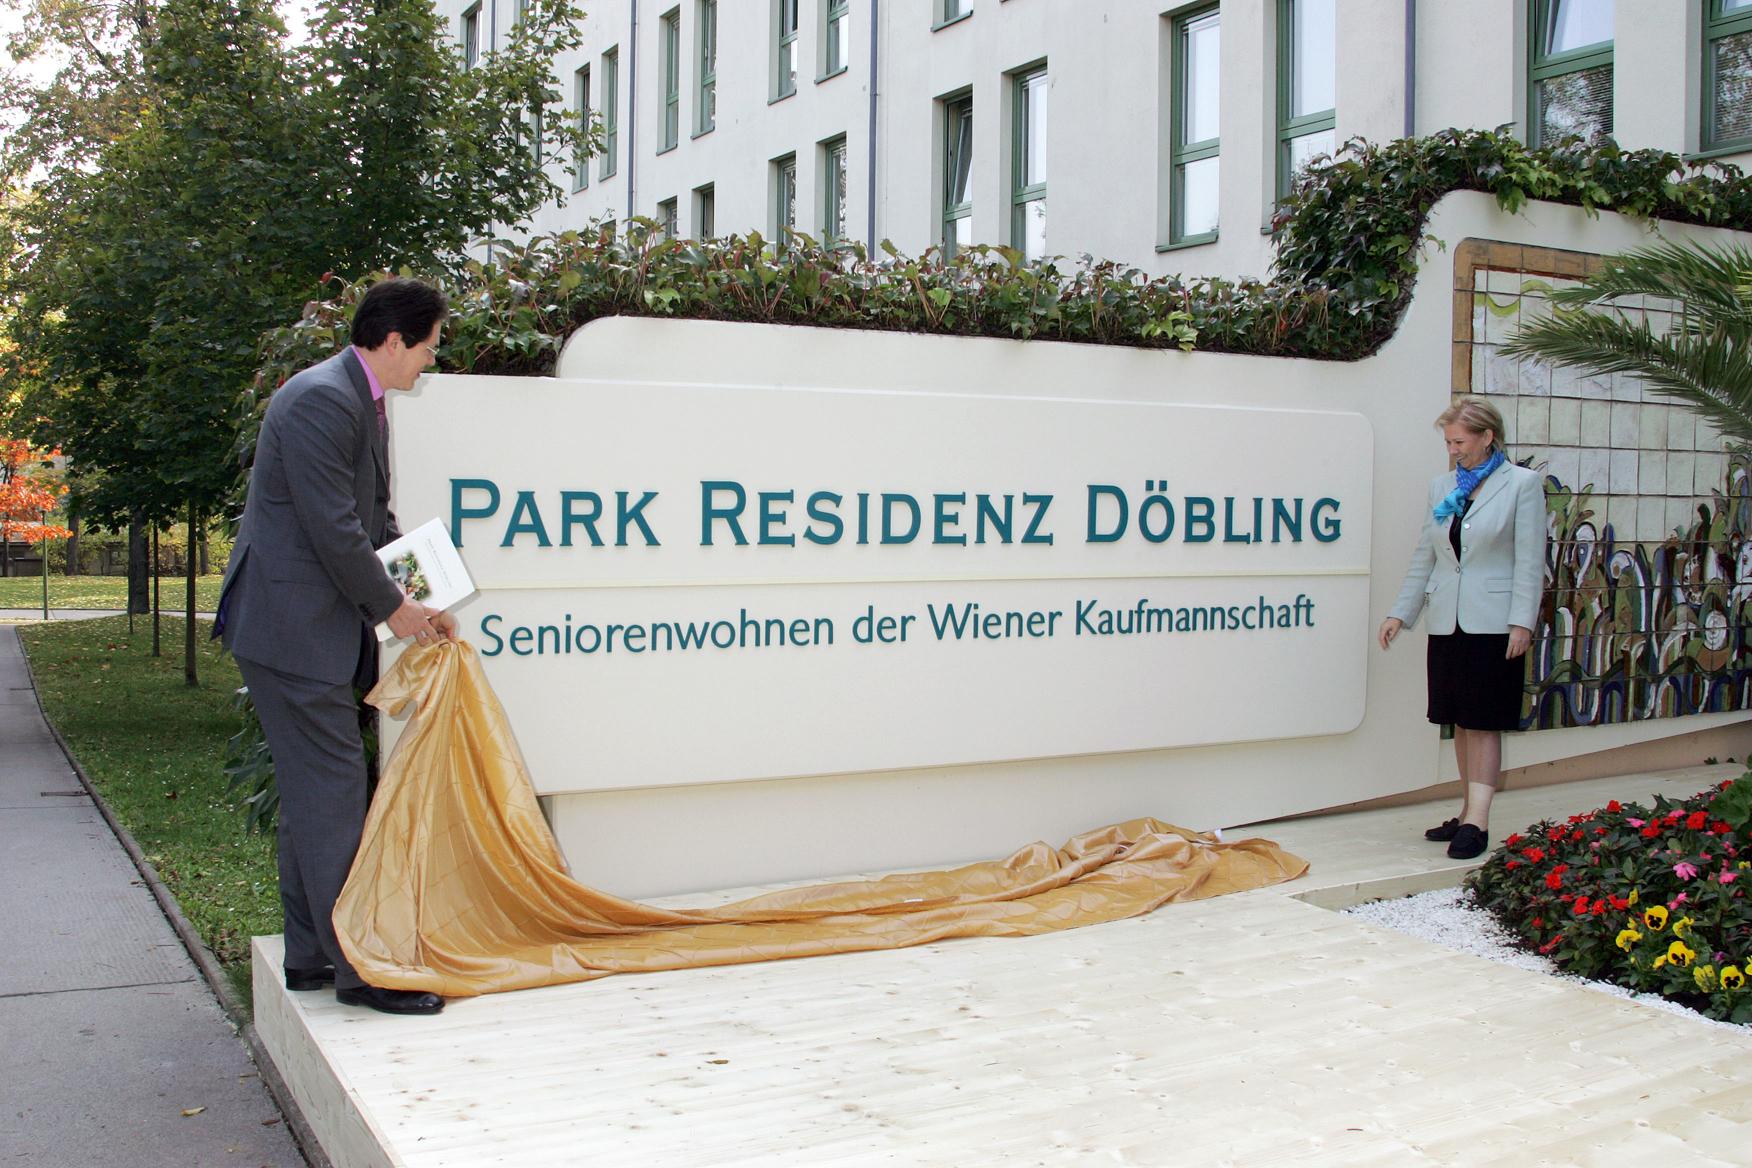 2007: Änderung in Park Residenz Döbling